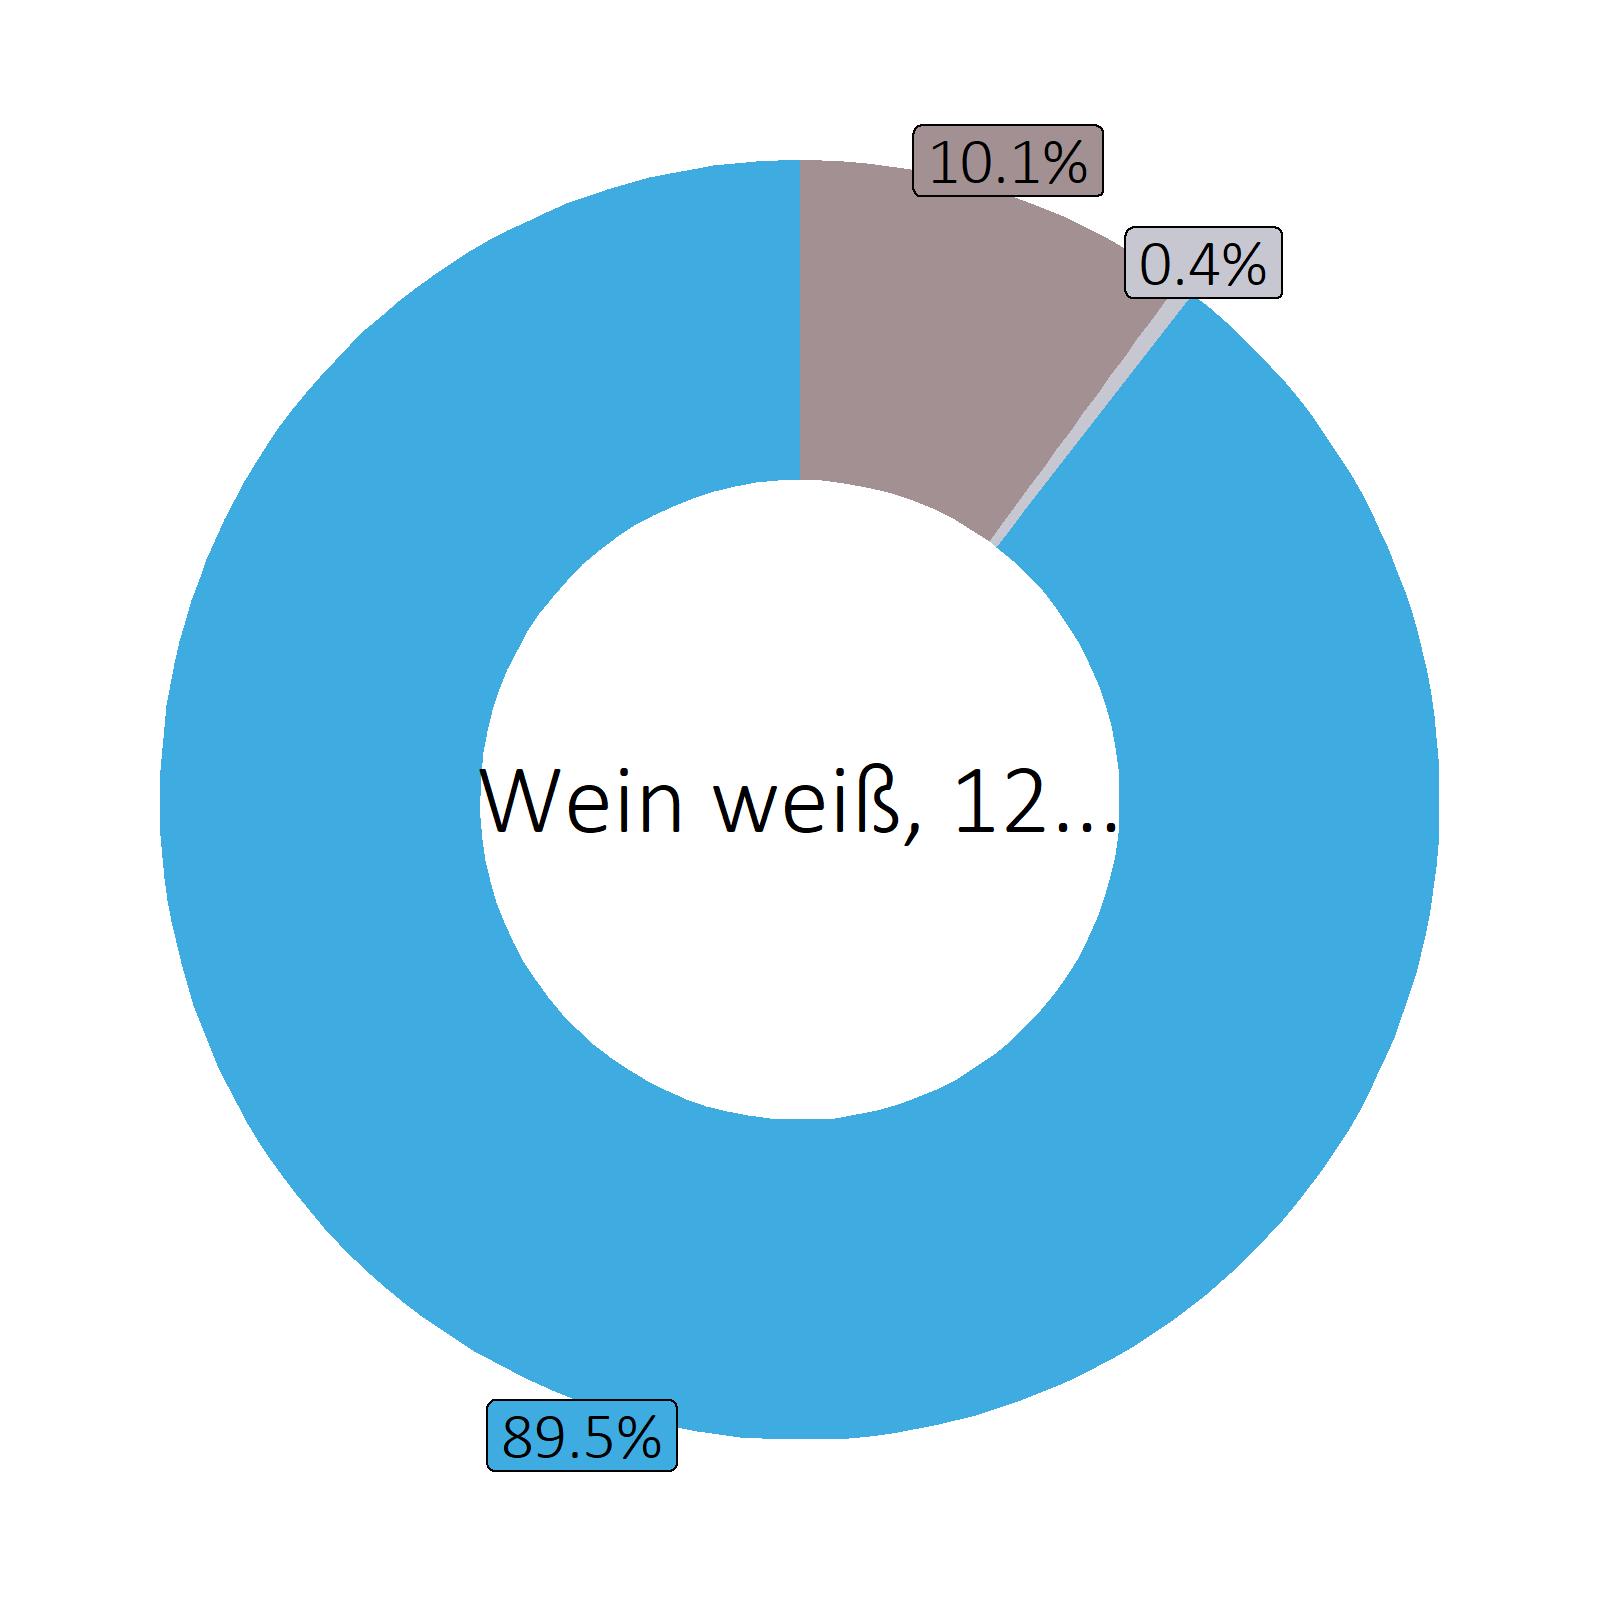 Bestandteile Wein weiß, 12.5 vol%